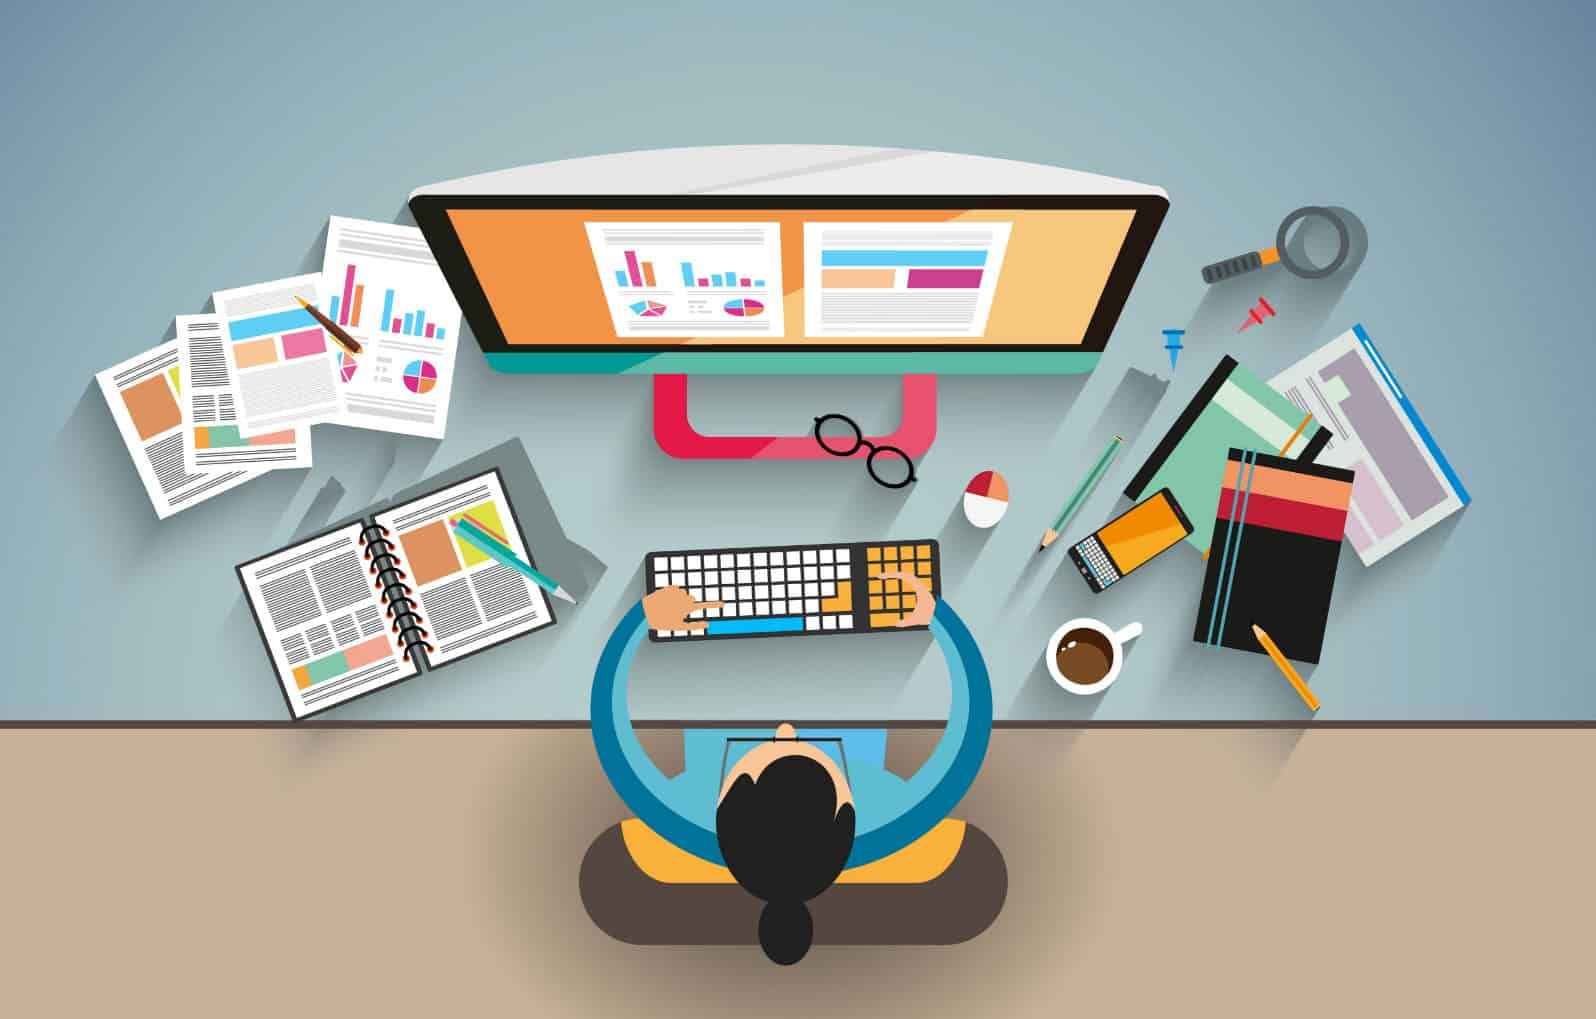 herramientas de diseño web para facilitar el trabajo